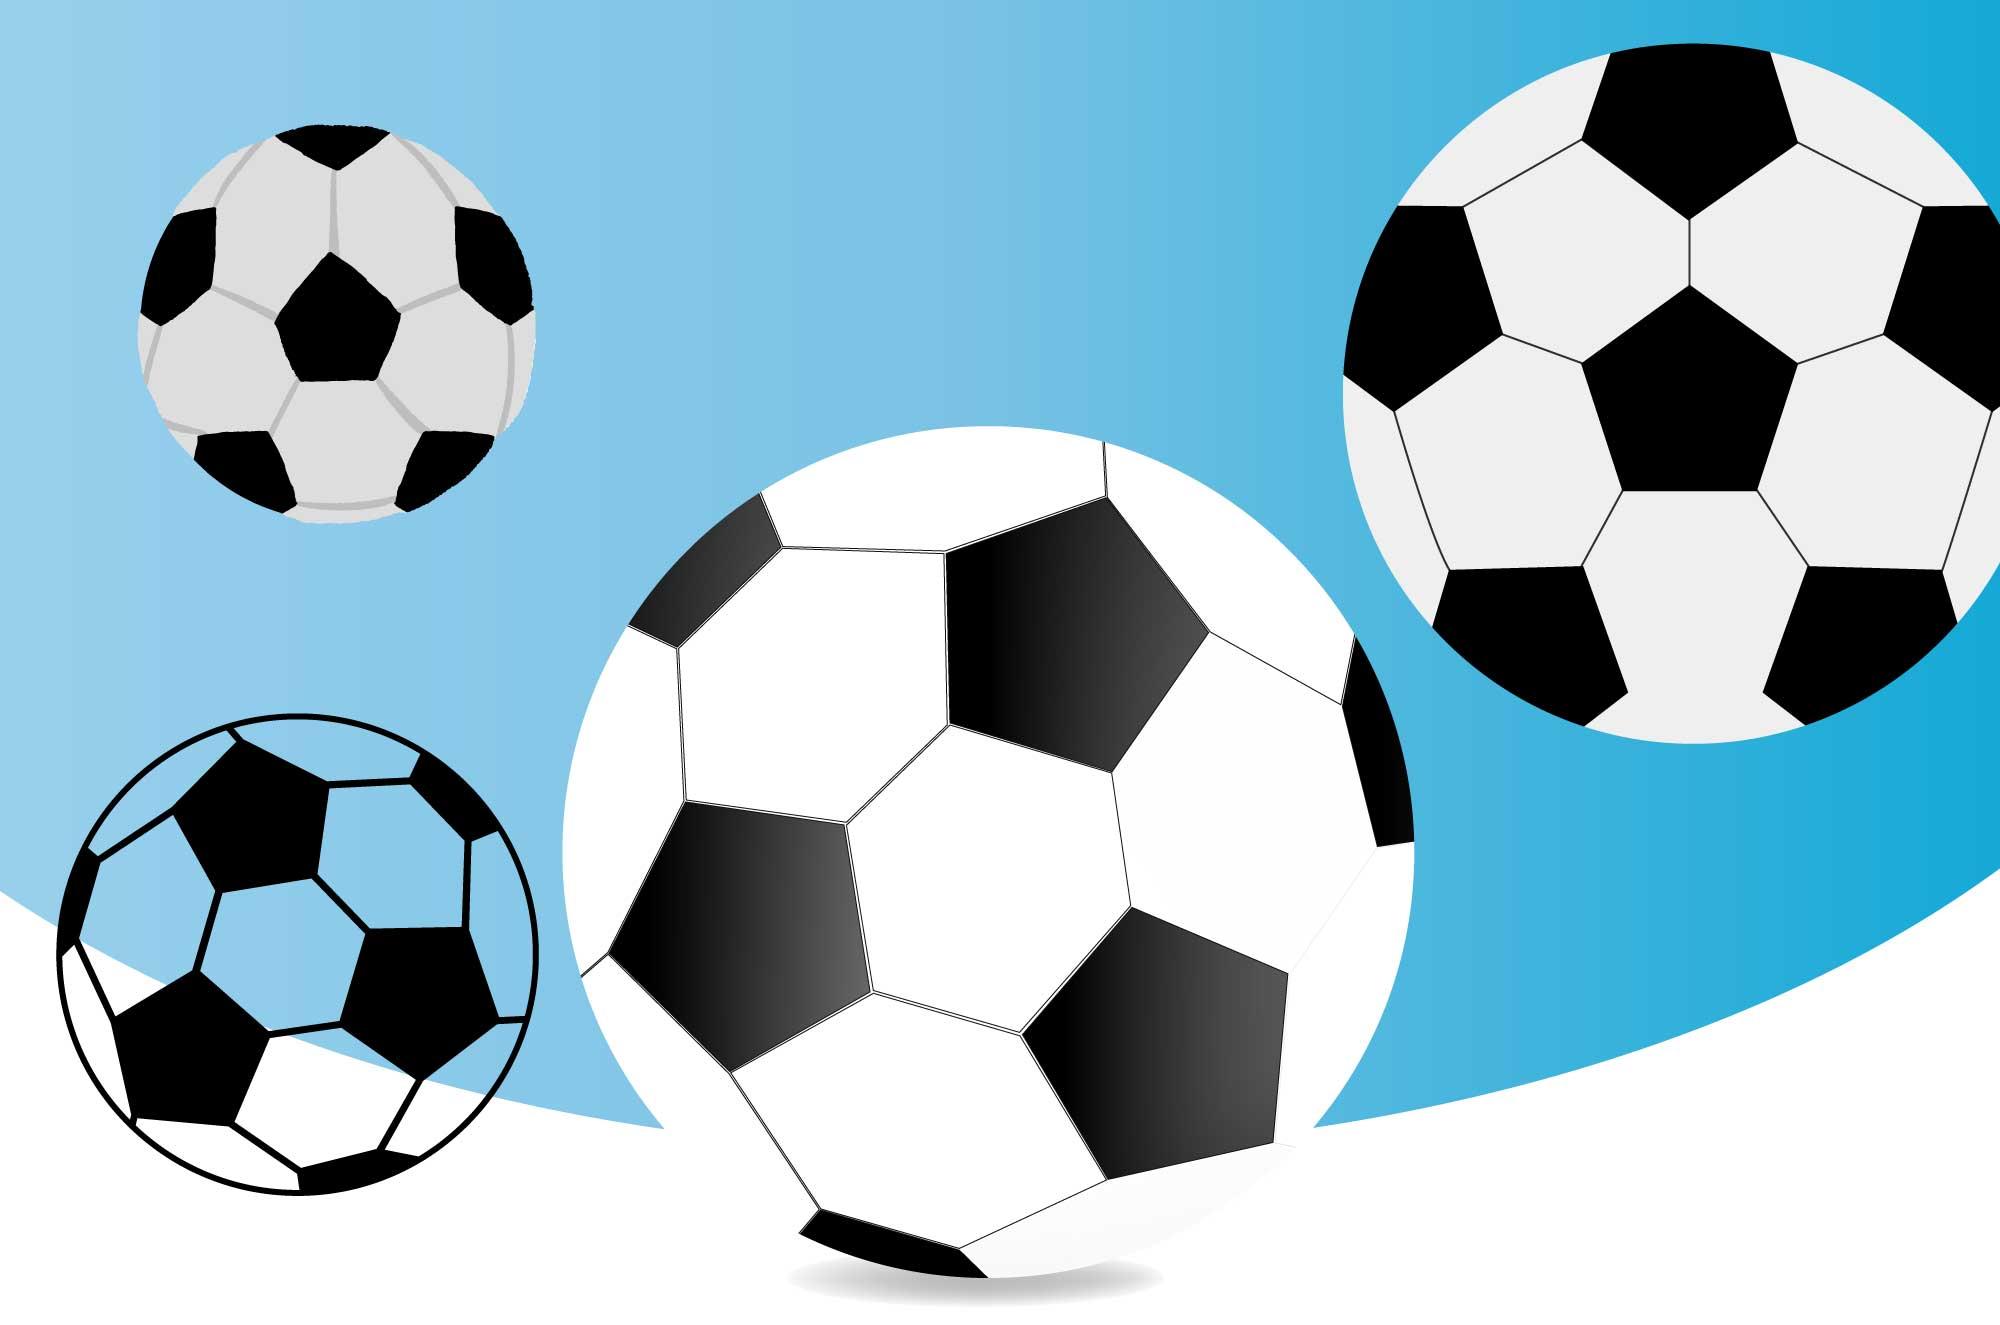 サッカーボールの無料イラスト - 可愛い/かっこいい - チコデザ